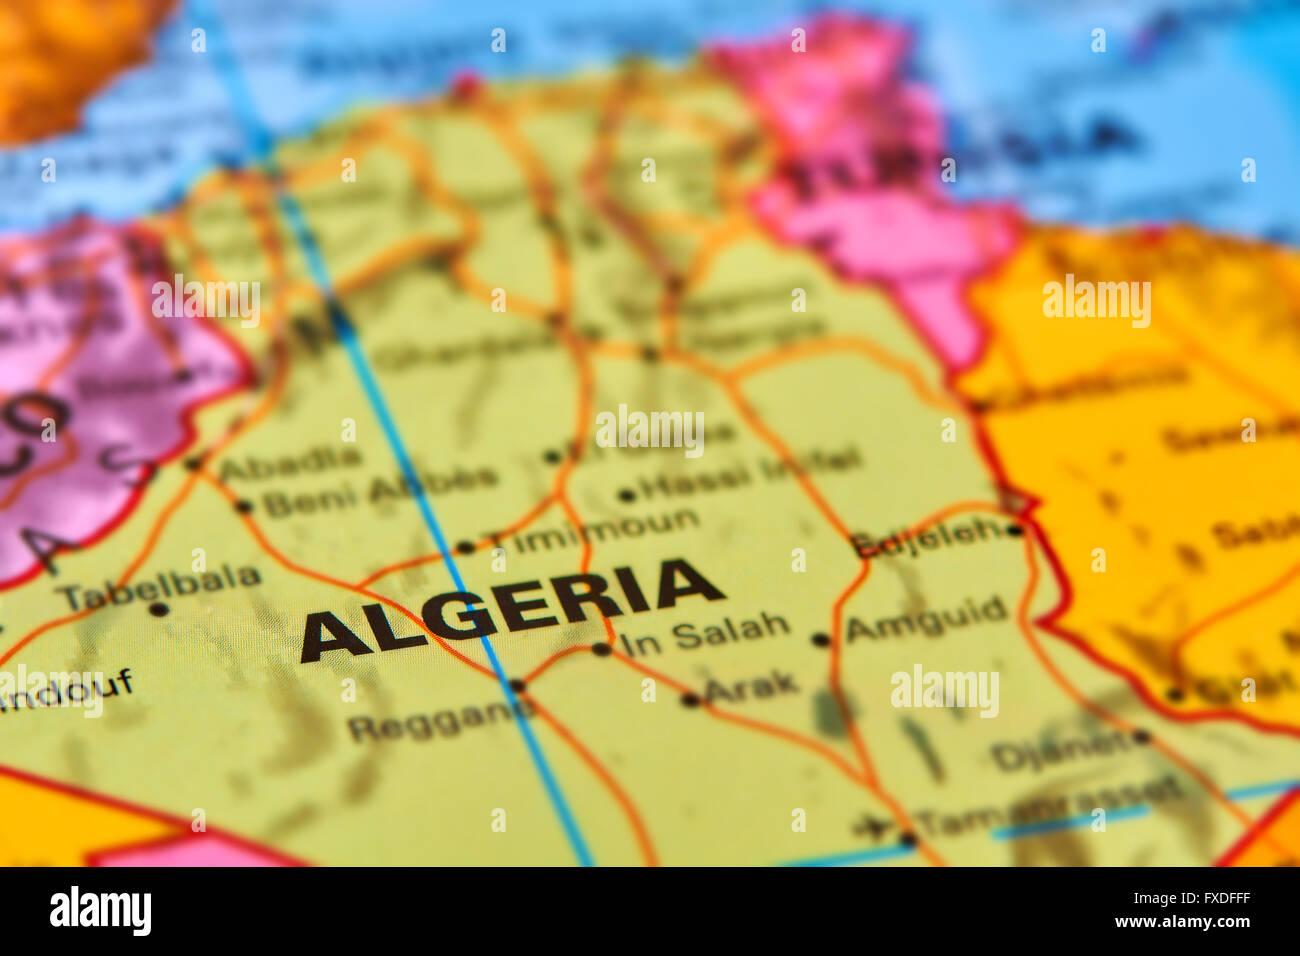 Argelia, país de África en el mapa del mundo Imagen De Stock